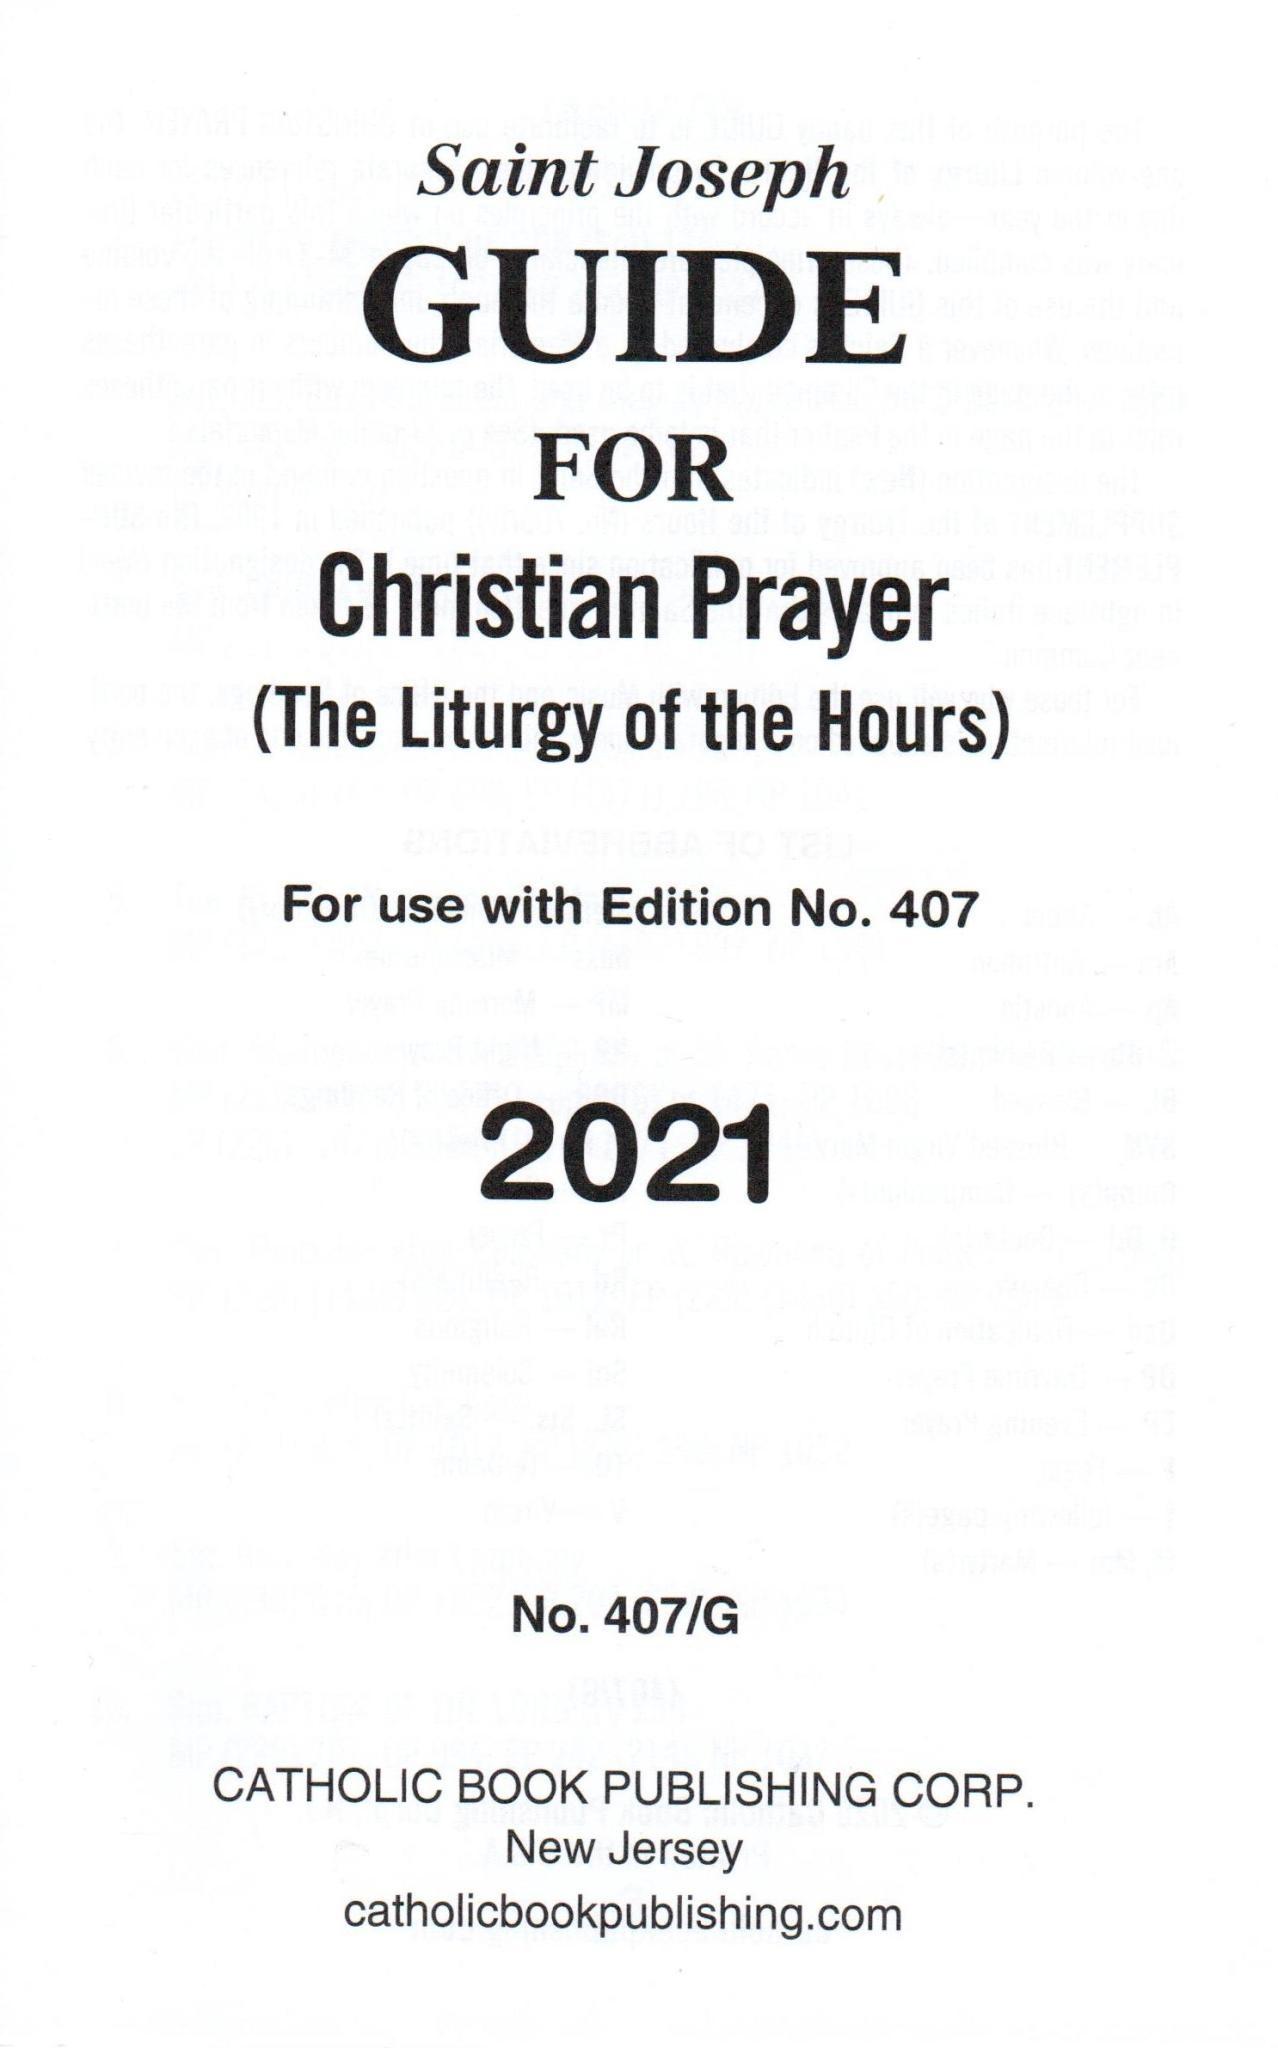 Saint Joseph Guide for Christian Prayer Large Print - 2021